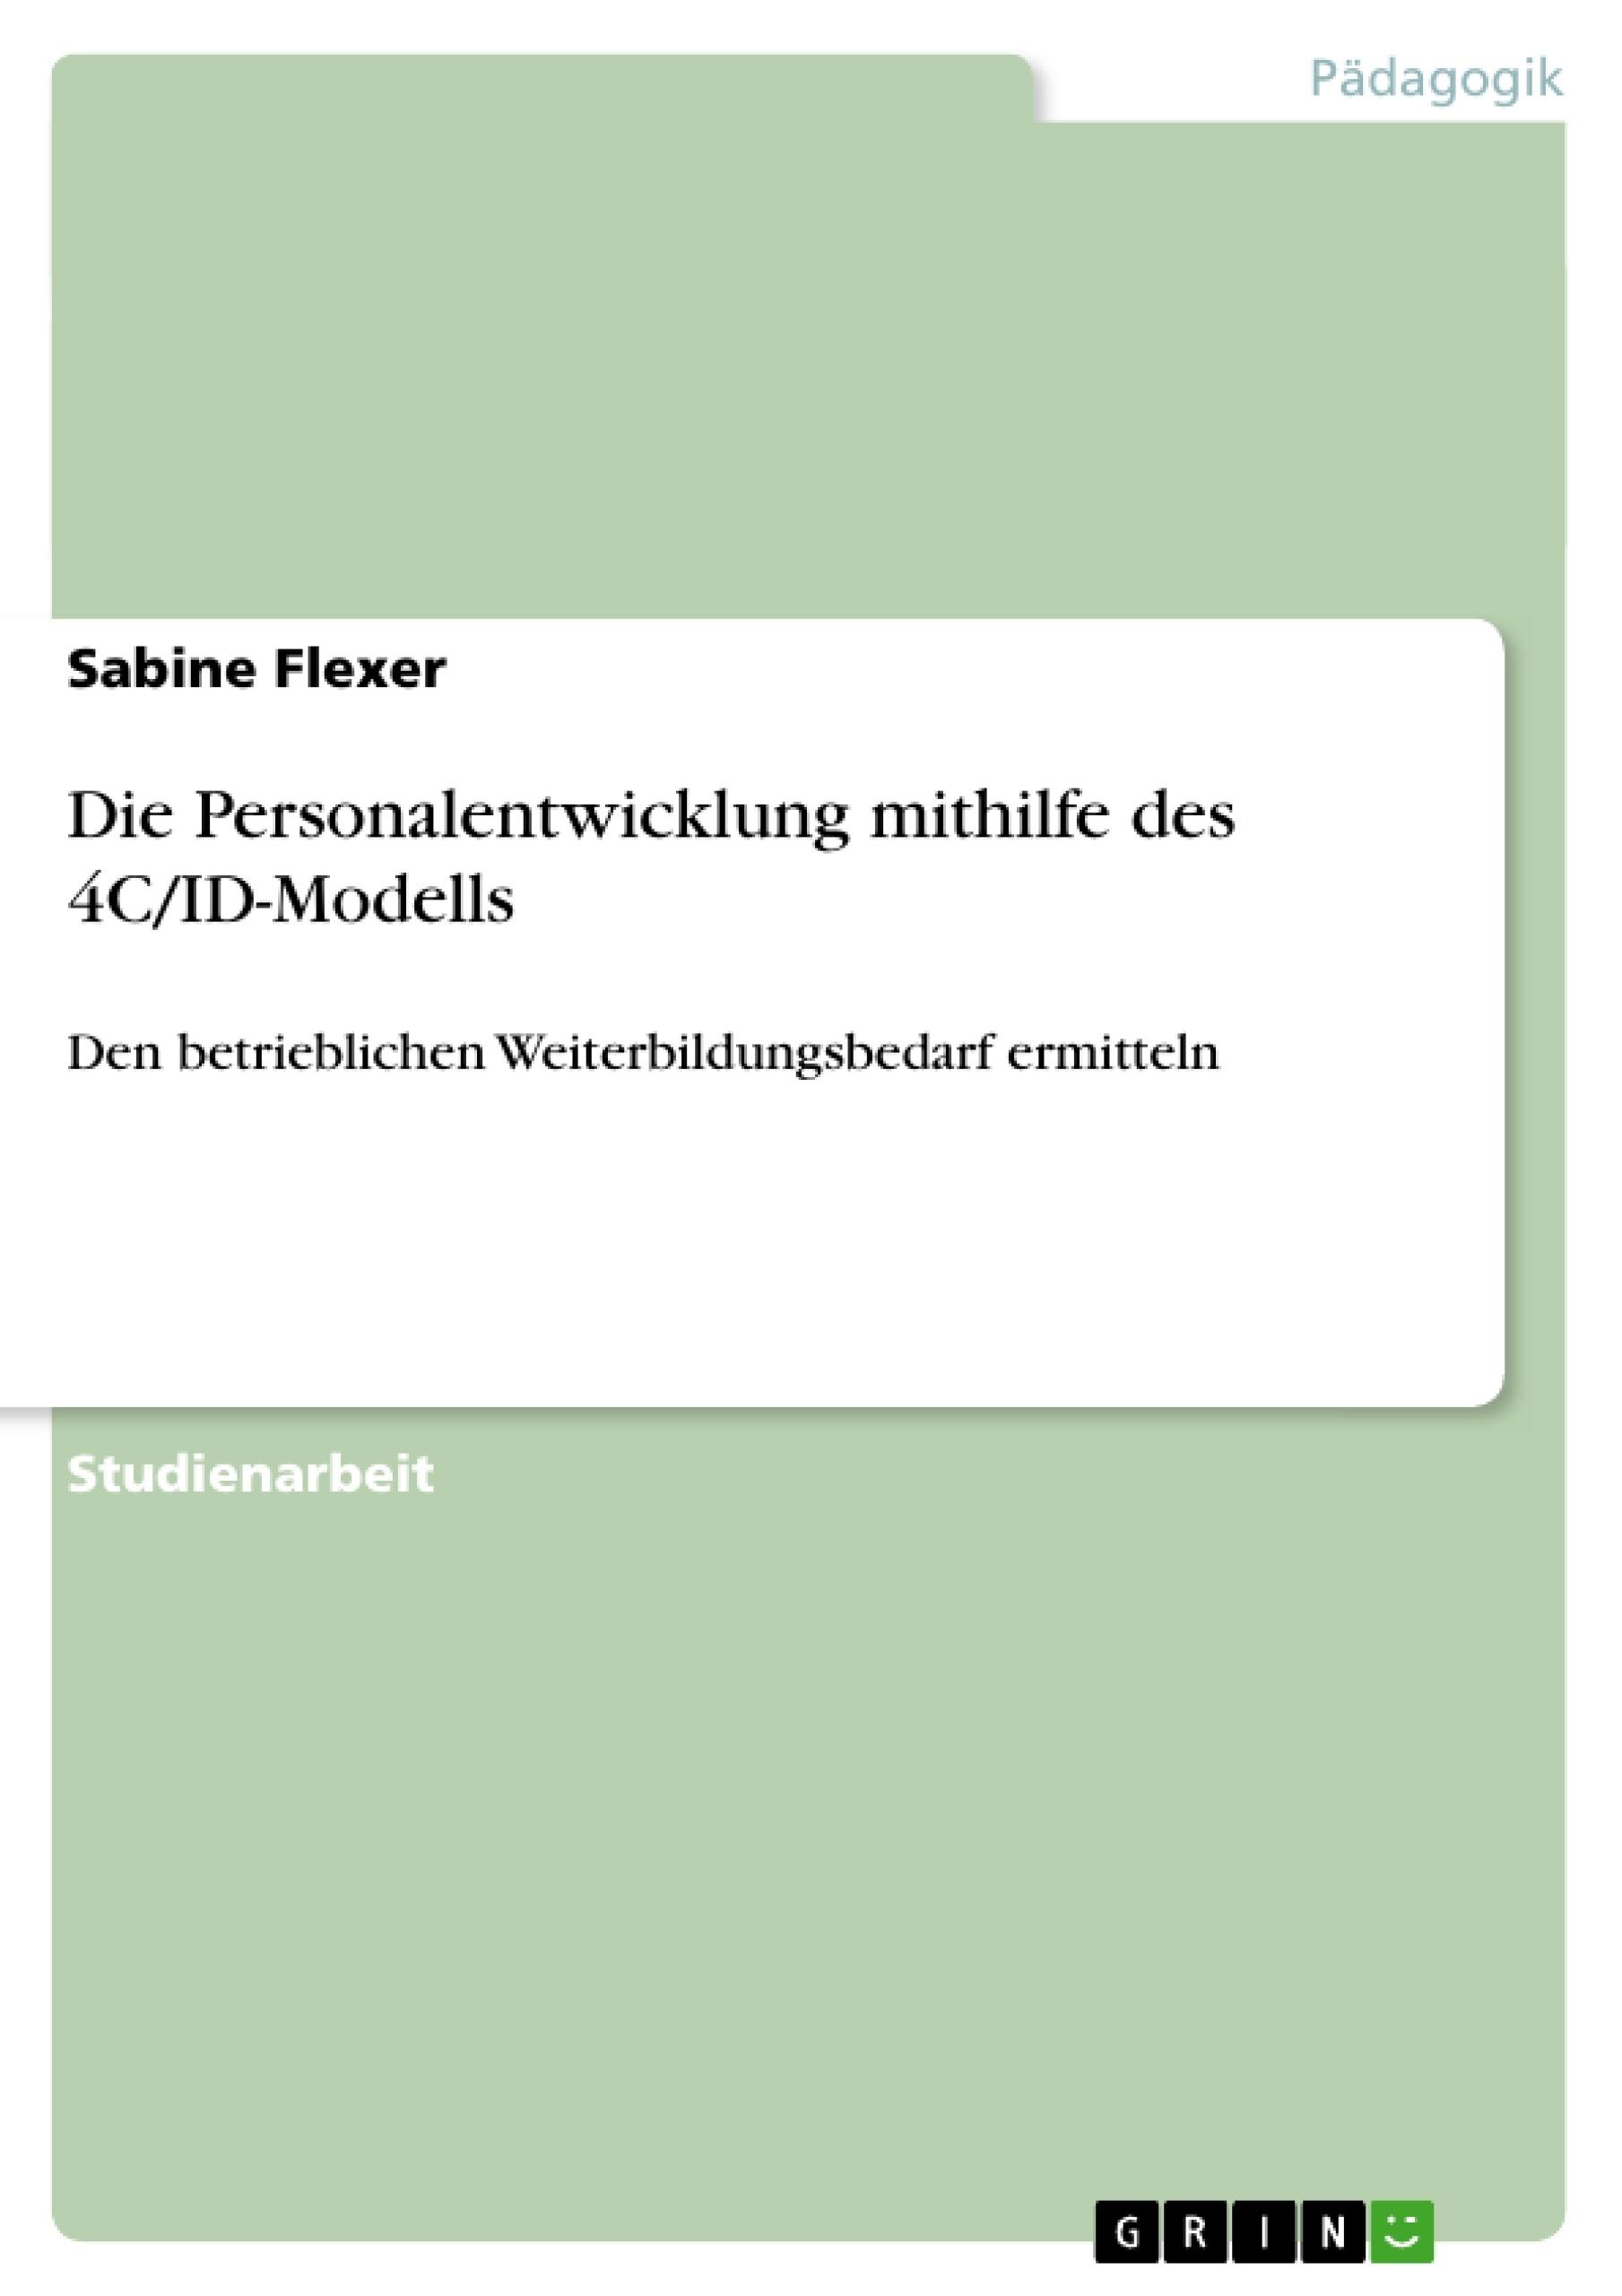 Titel: Die Personalentwicklung mithilfe des 4C/ID-Modells